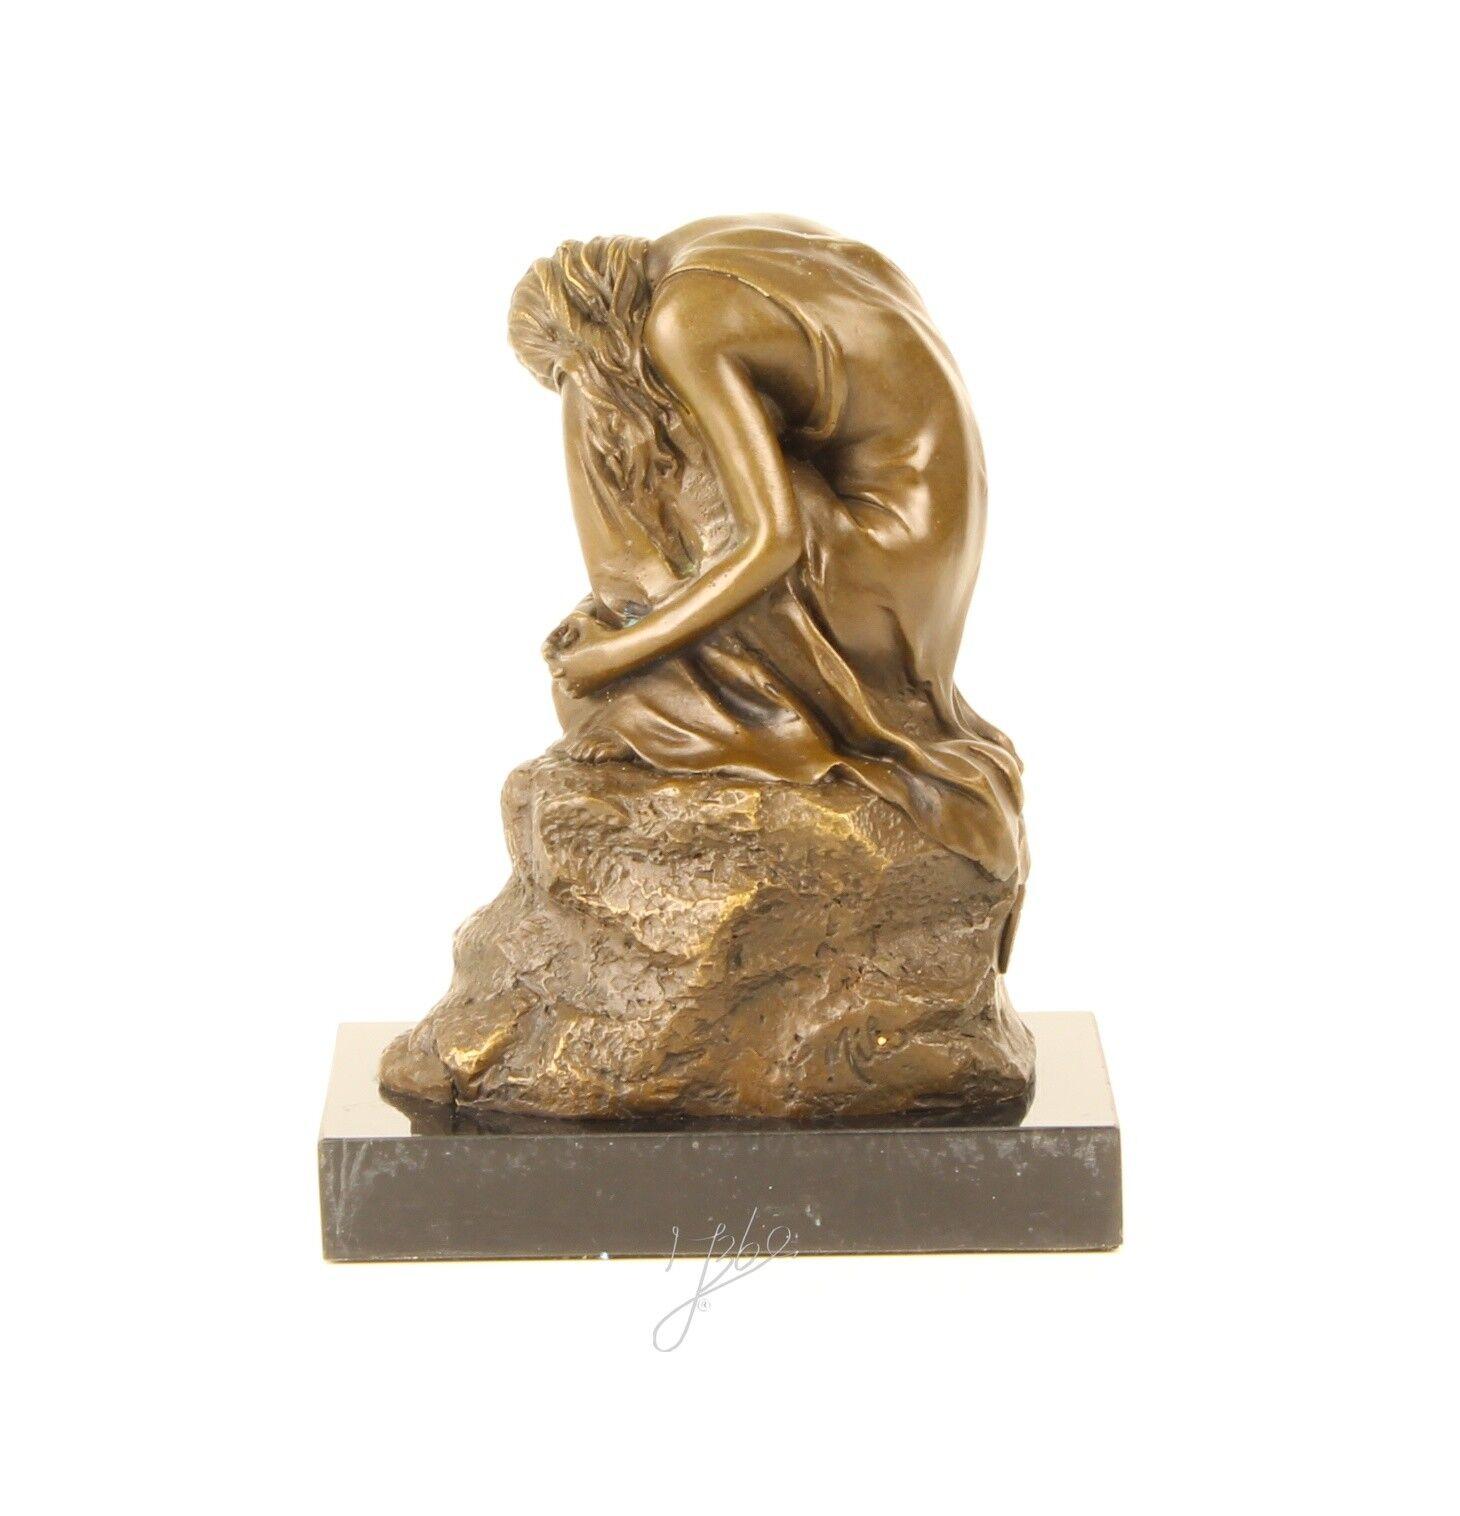 9937119 belleza escultura de bronce personaje medio desnudas belleza 9937119 sentado sign. Milo 16x13cm 094c7c